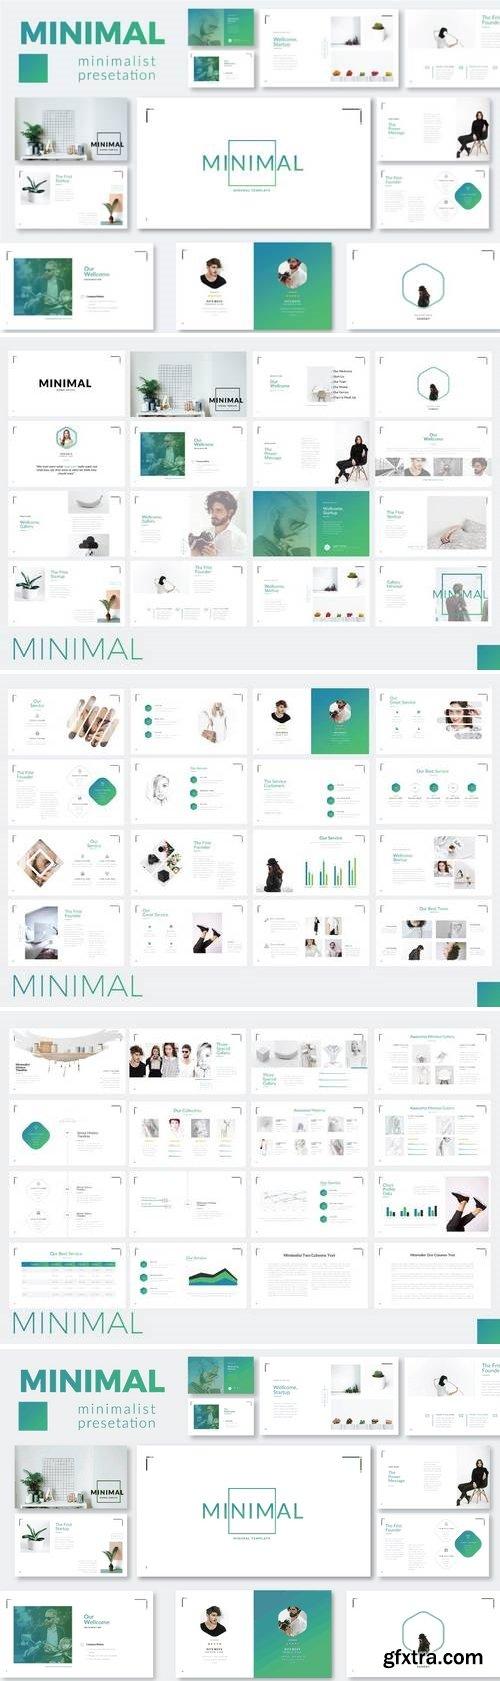 Minimalist - Powerpoint, Keynote, Google Sliders Templates